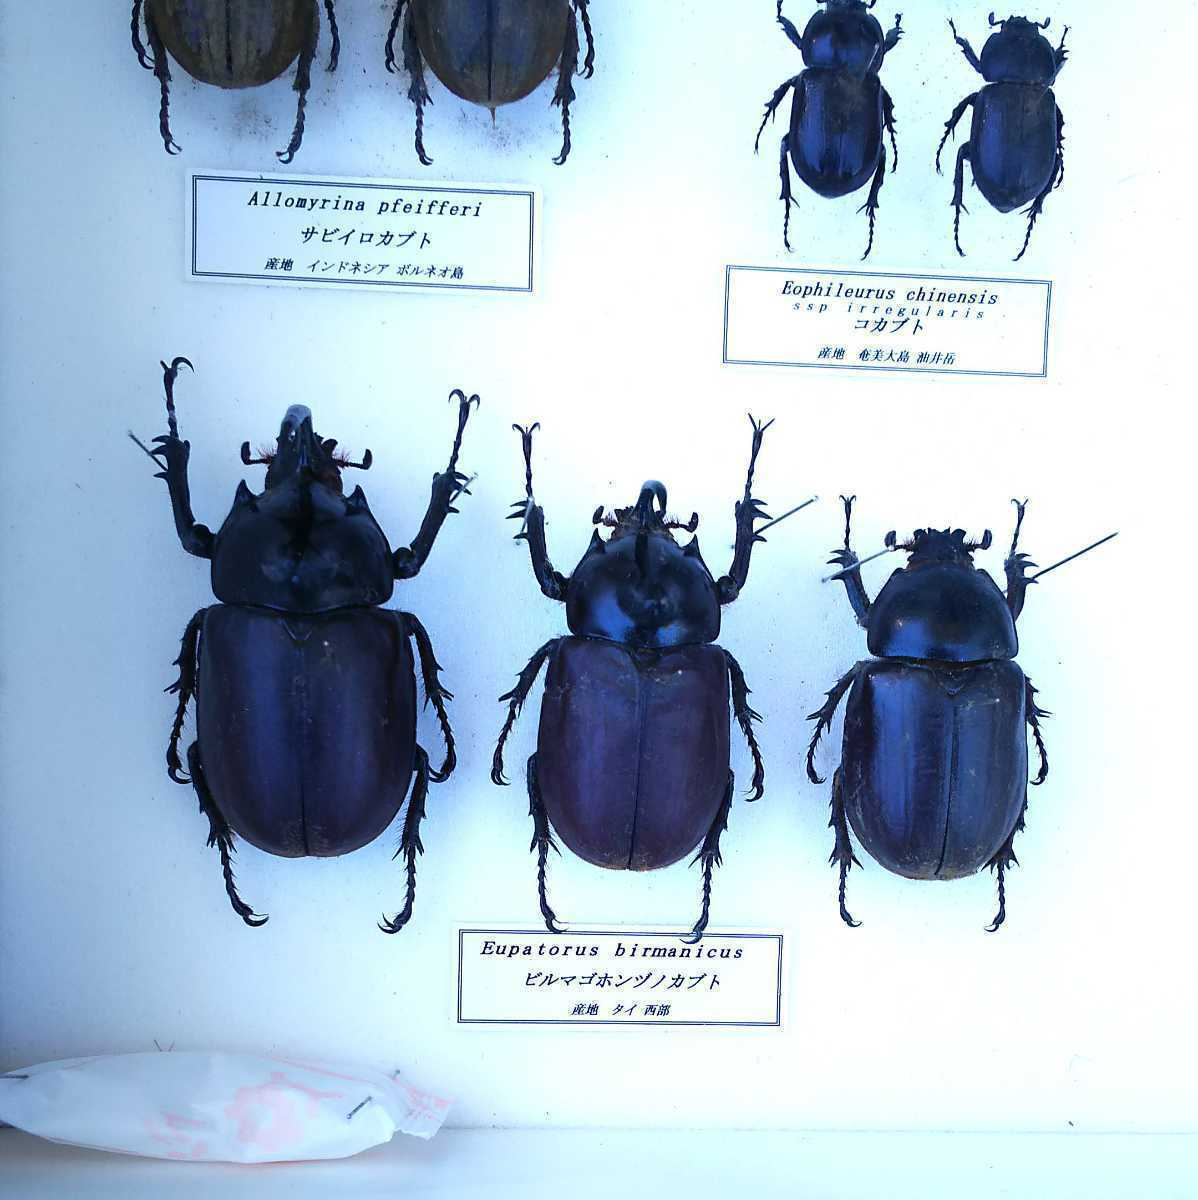 値段交渉OK 昆虫標本 カブトムシ 31頭 ドイツ箱_画像8